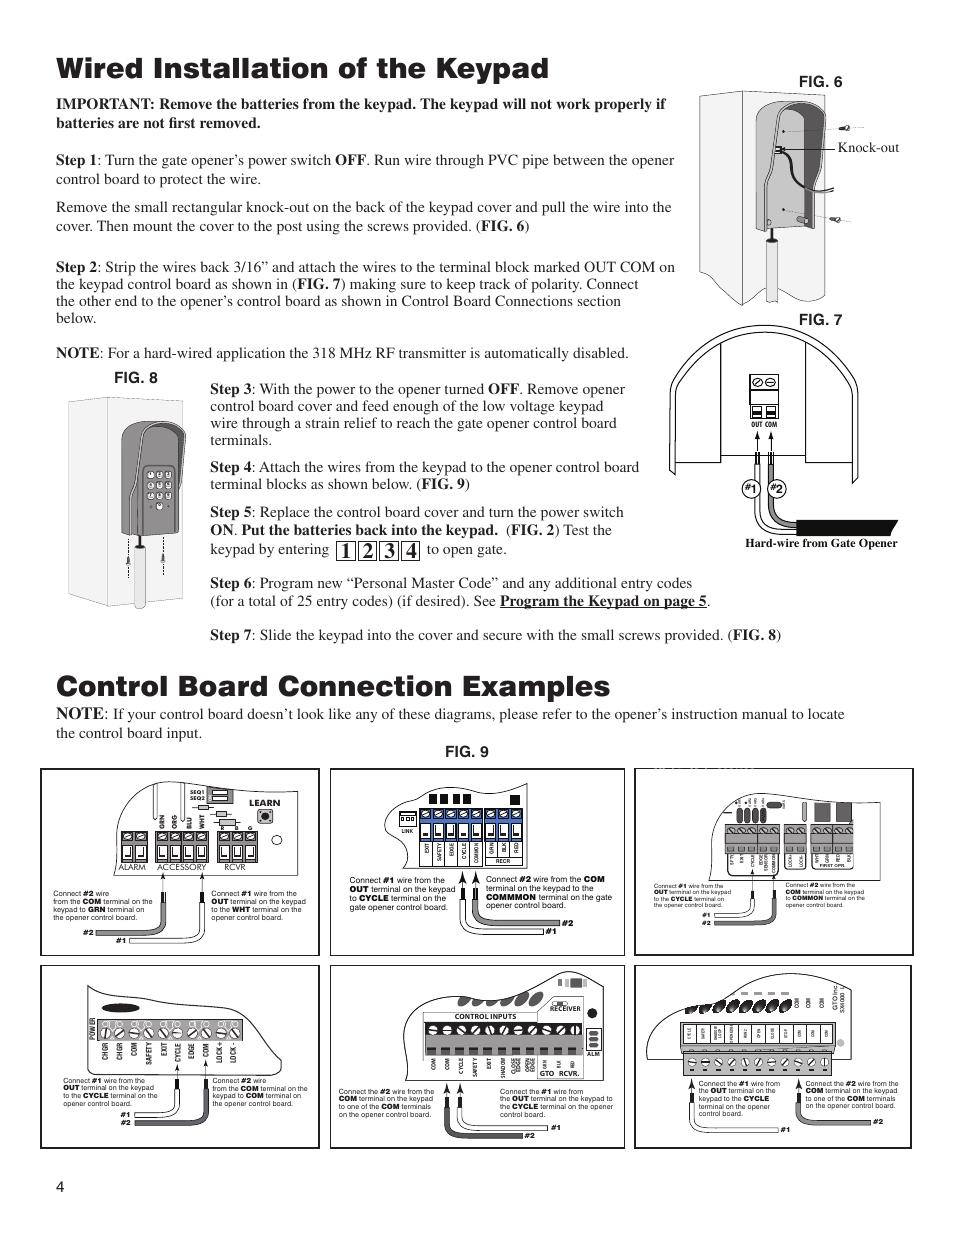 Mighty Mule Wiring Diagram on simplex wiring diagram, norton wiring diagram, ace wiring diagram, apc wiring diagram, little giant wiring diagram, viking wiring diagram, karcher wiring diagram, general wiring diagram, nortrac wiring diagram, trojan wiring diagram, graco wiring diagram, cooper wiring diagram, generic wiring diagram, hobart wiring diagram, apache wiring diagram, atlas wiring diagram, rockwell wiring diagram, kodiak wiring diagram, mi-t-m wiring diagram, bulldog wiring diagram,